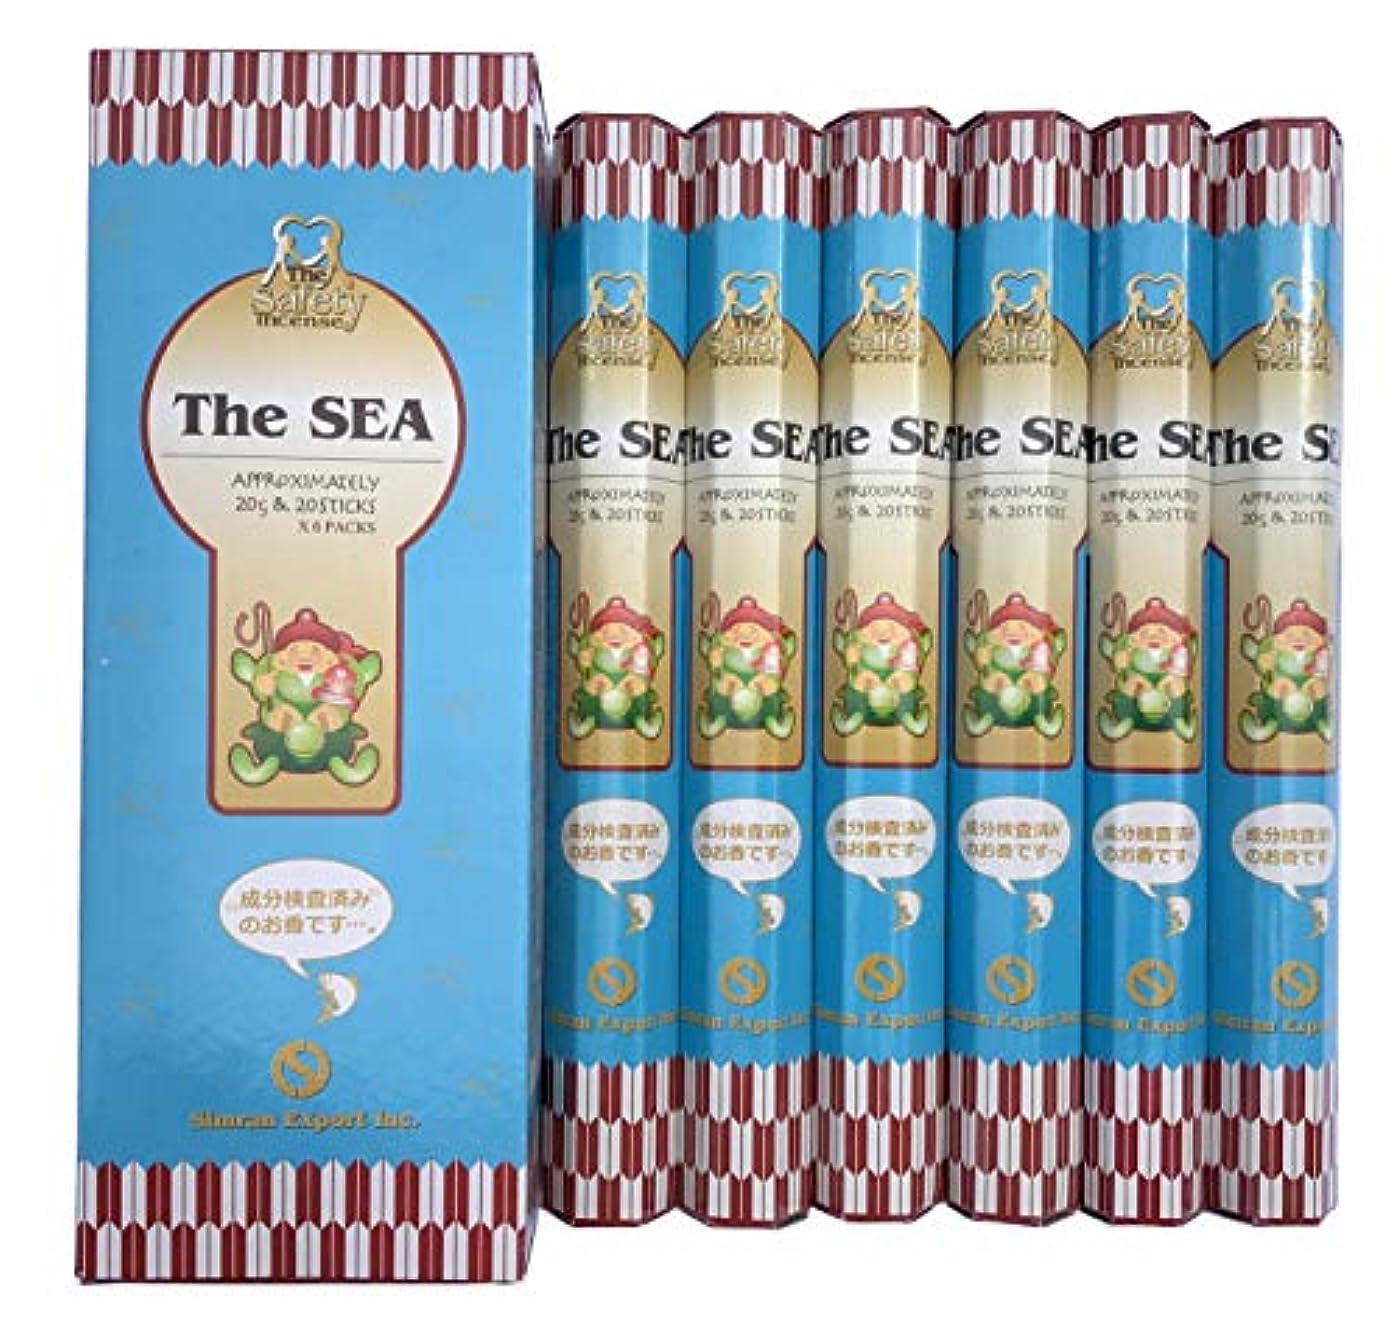 探す厚さ権利を与えるインド香 The SEA ザ?シー 潮風の香り スティック 6個セット シムラン社 成分検査済み